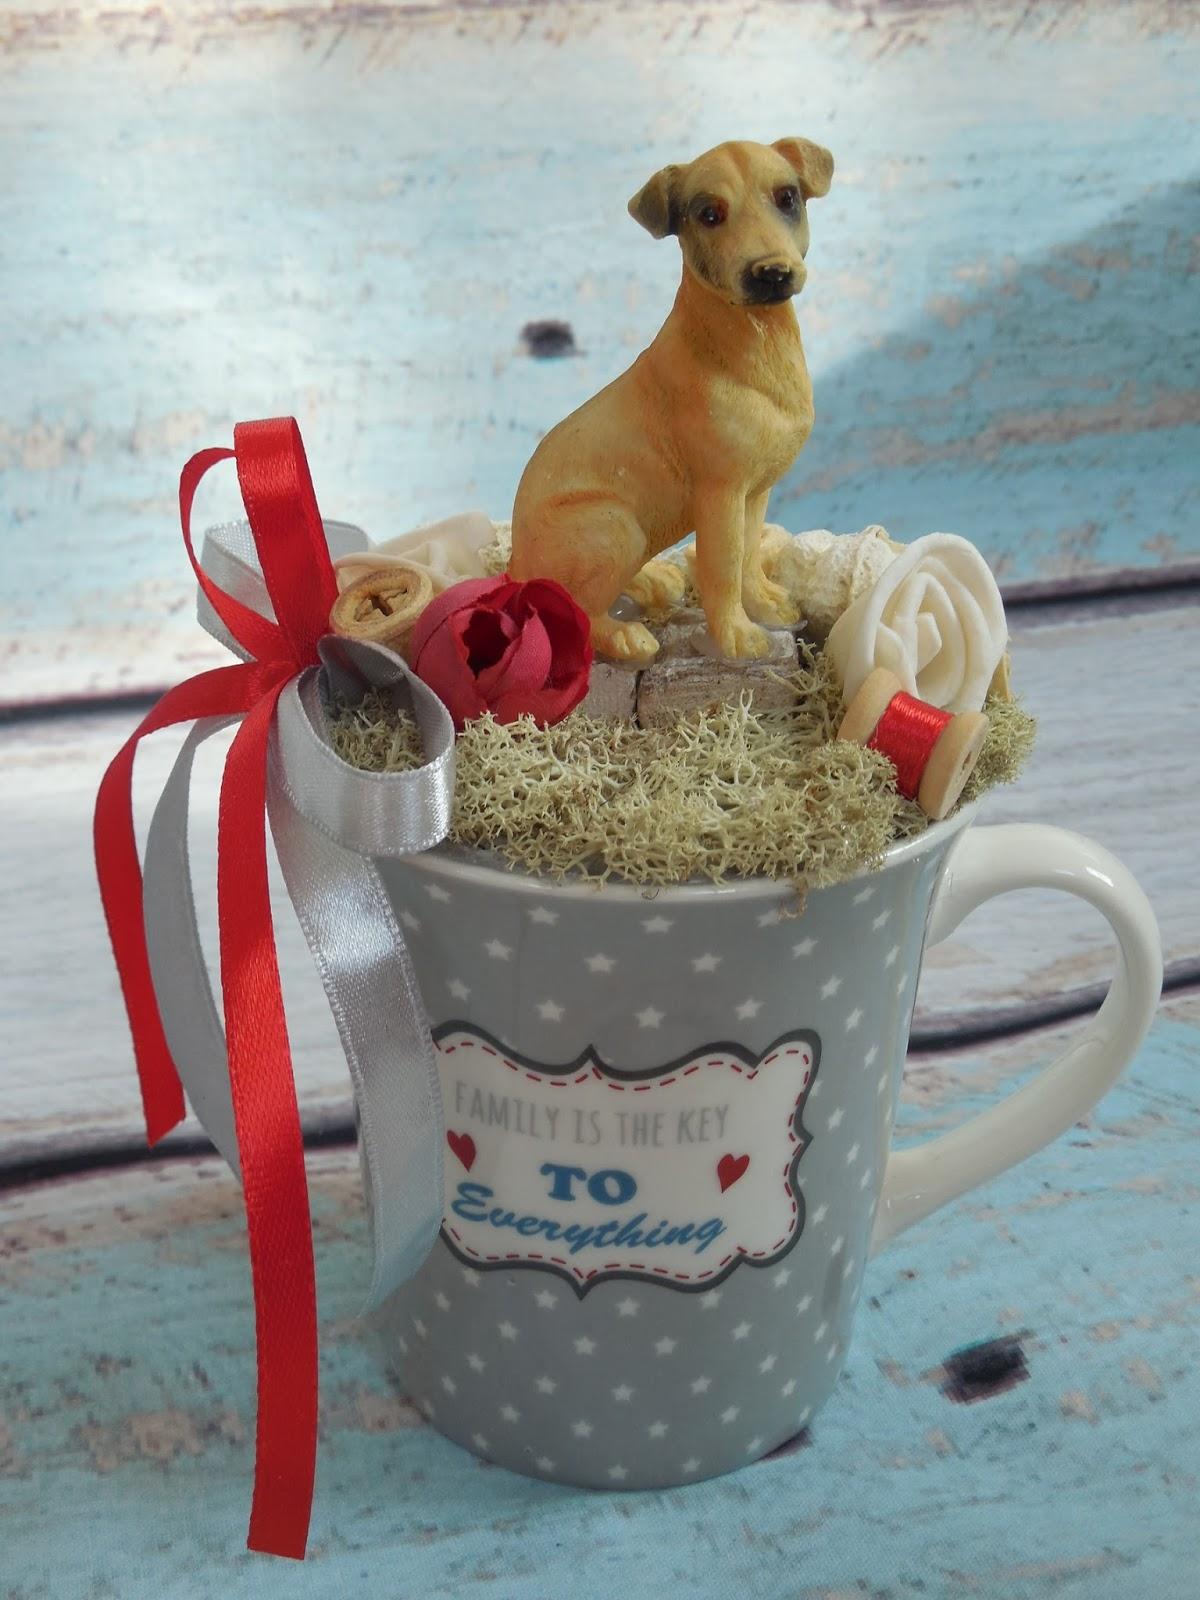 Kis apr³ asztali dszek készültek kutyarajong³knak gazdiknak ajándékba vagy csak ºgy